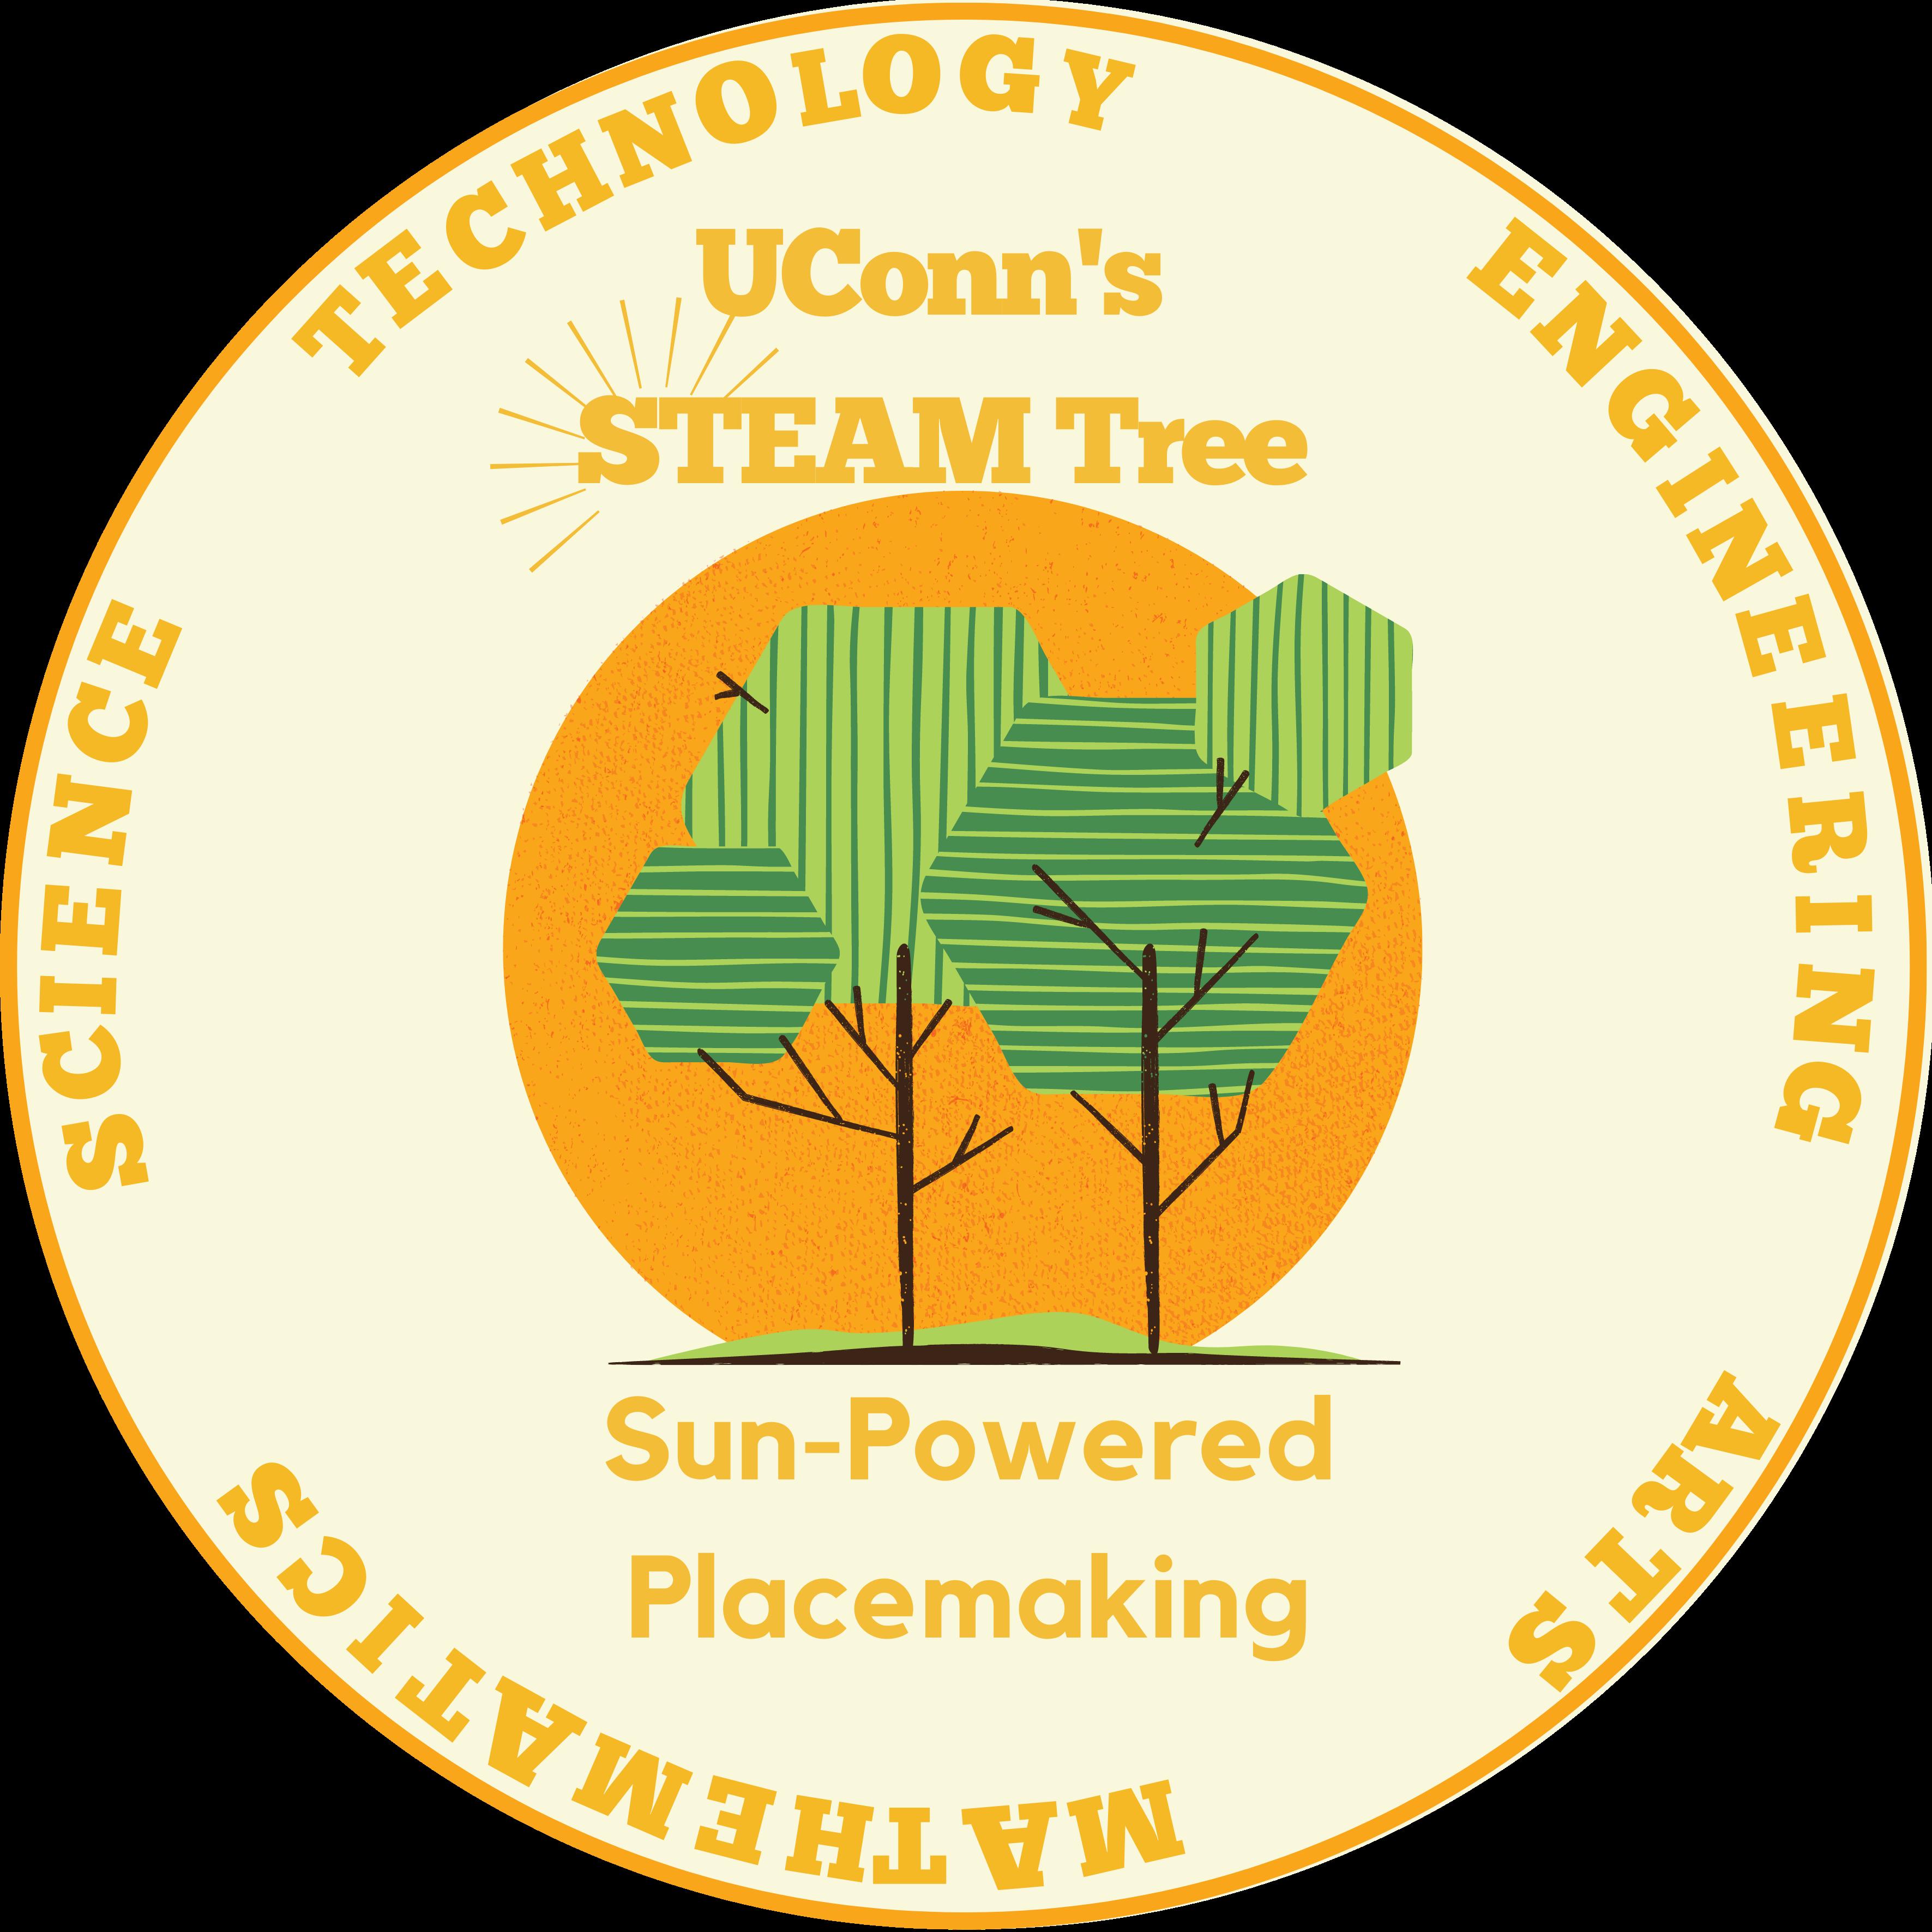 UConn STEAM Tree LOGO